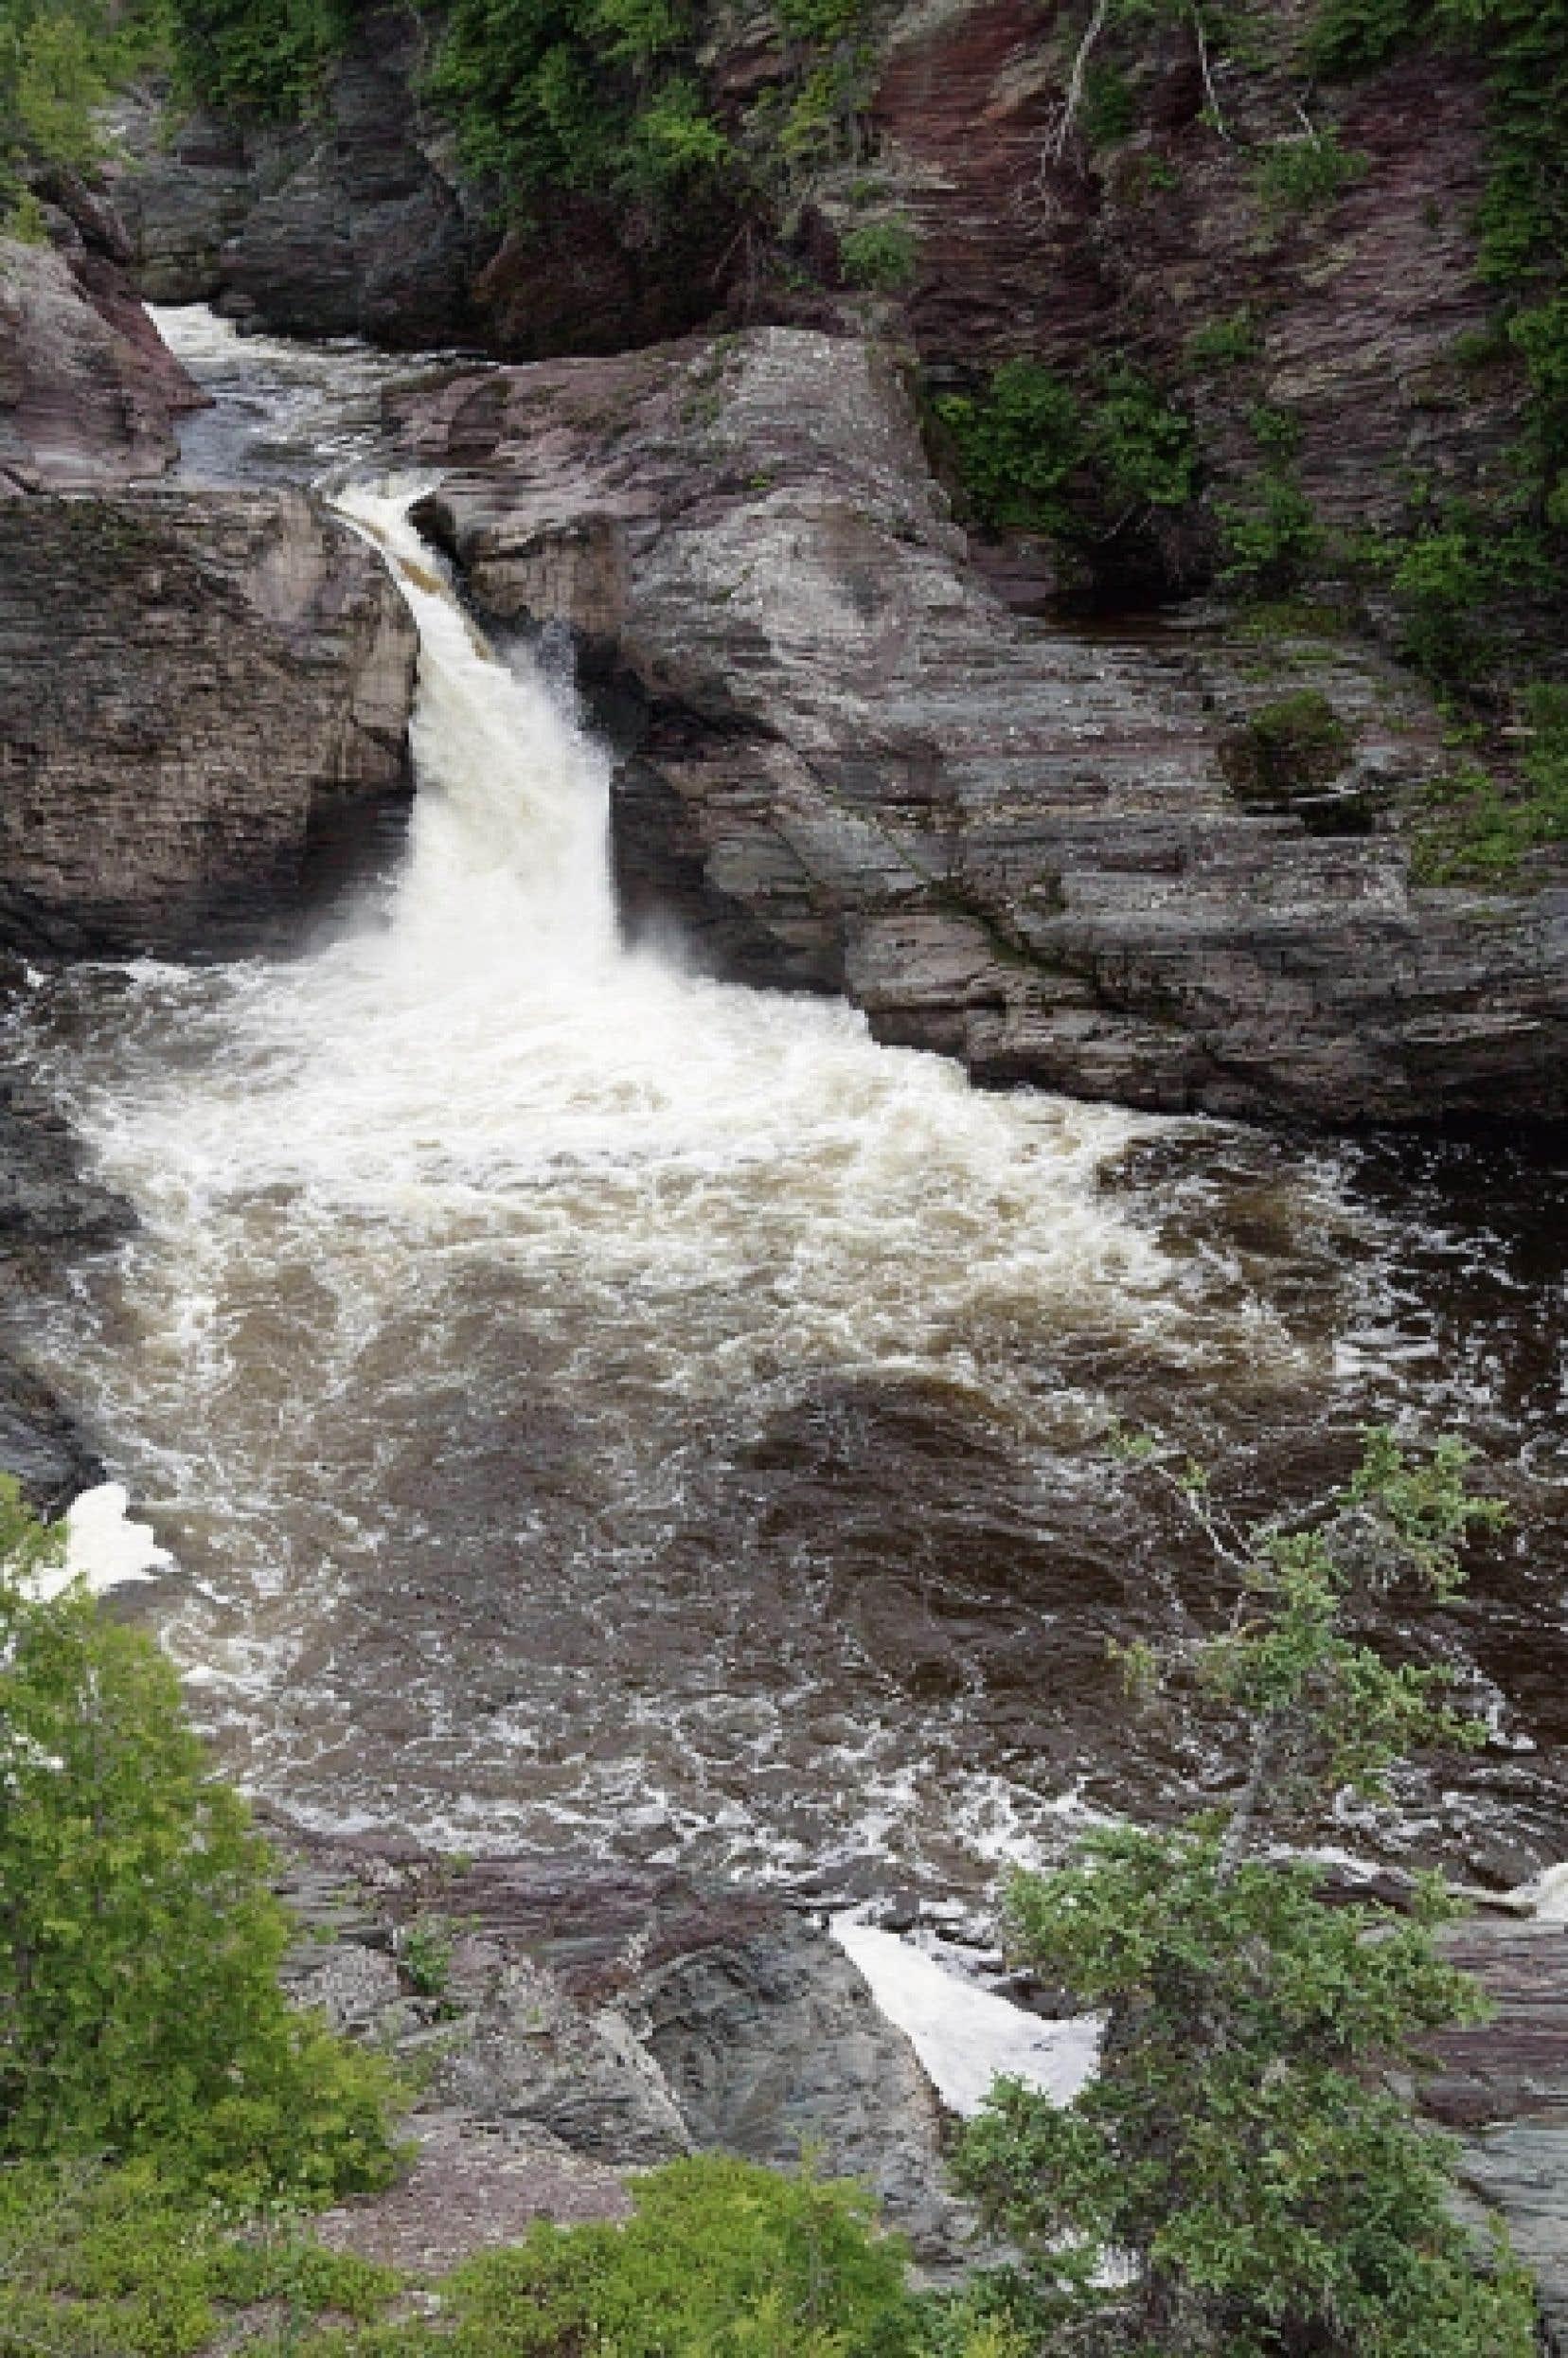 Avec 2% des réserves mondiales d'eau douce, le Québec est plutôt bien placé pour faire face à la rareté croissante de l'eau dans le monde<br />